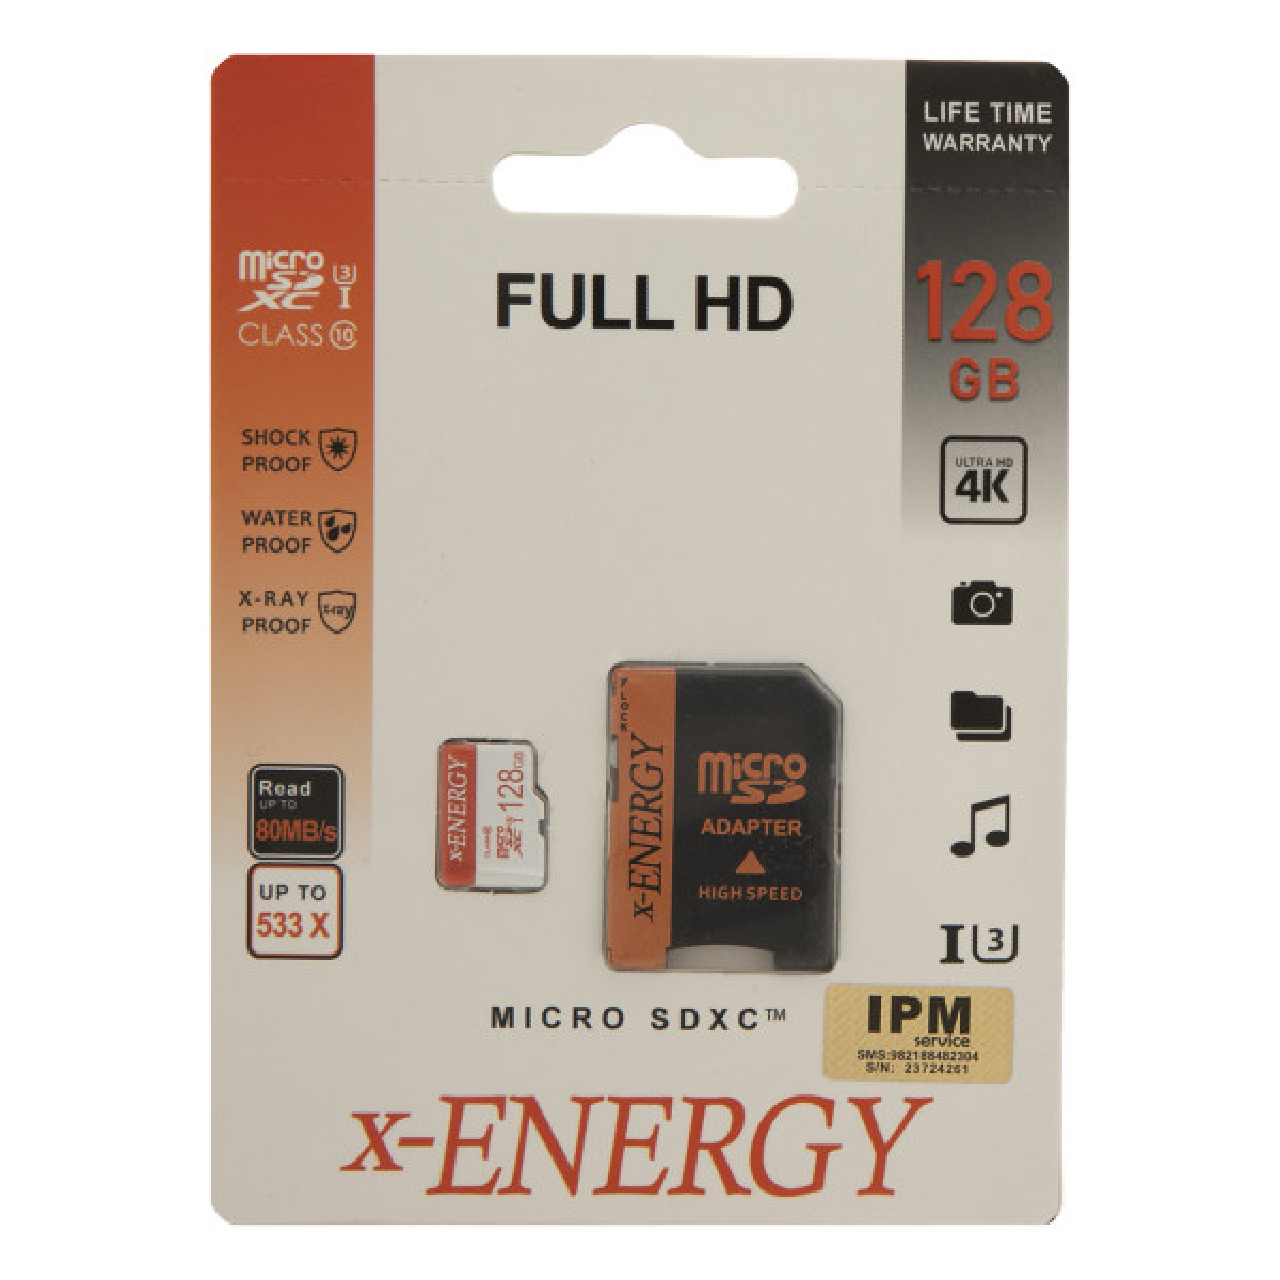 کارت حافظه microSDXC اکس-انرژی مدل IPM کلاس 10 استاندارد U3 سرعت 80MBps همراه با آداپتور SD ظرفیت 128 گیگابایت